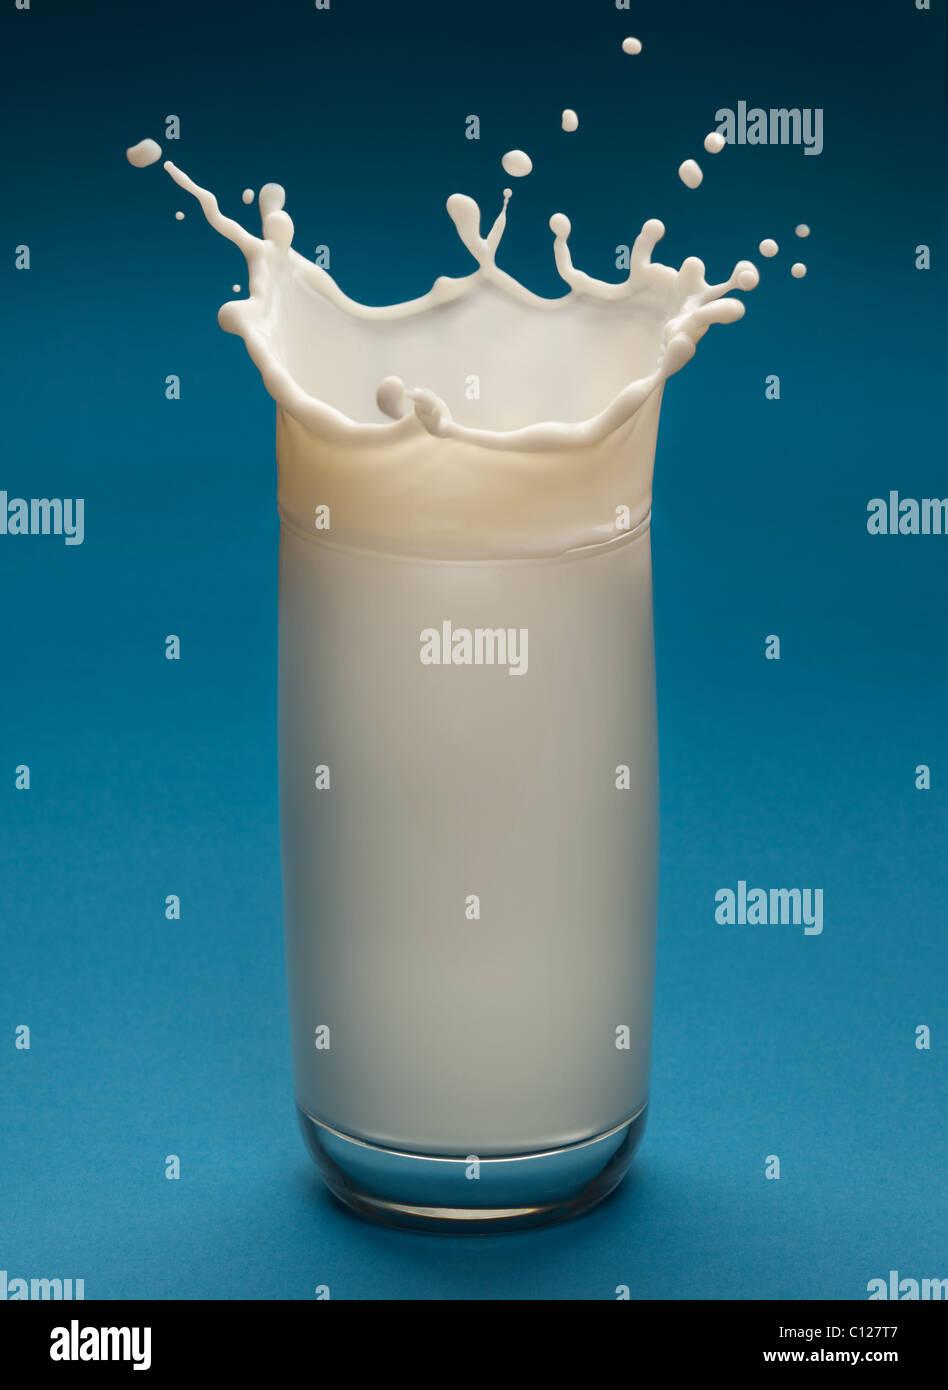 Spritzer Milch aus dem Glas auf blauem Hintergrund Stockbild